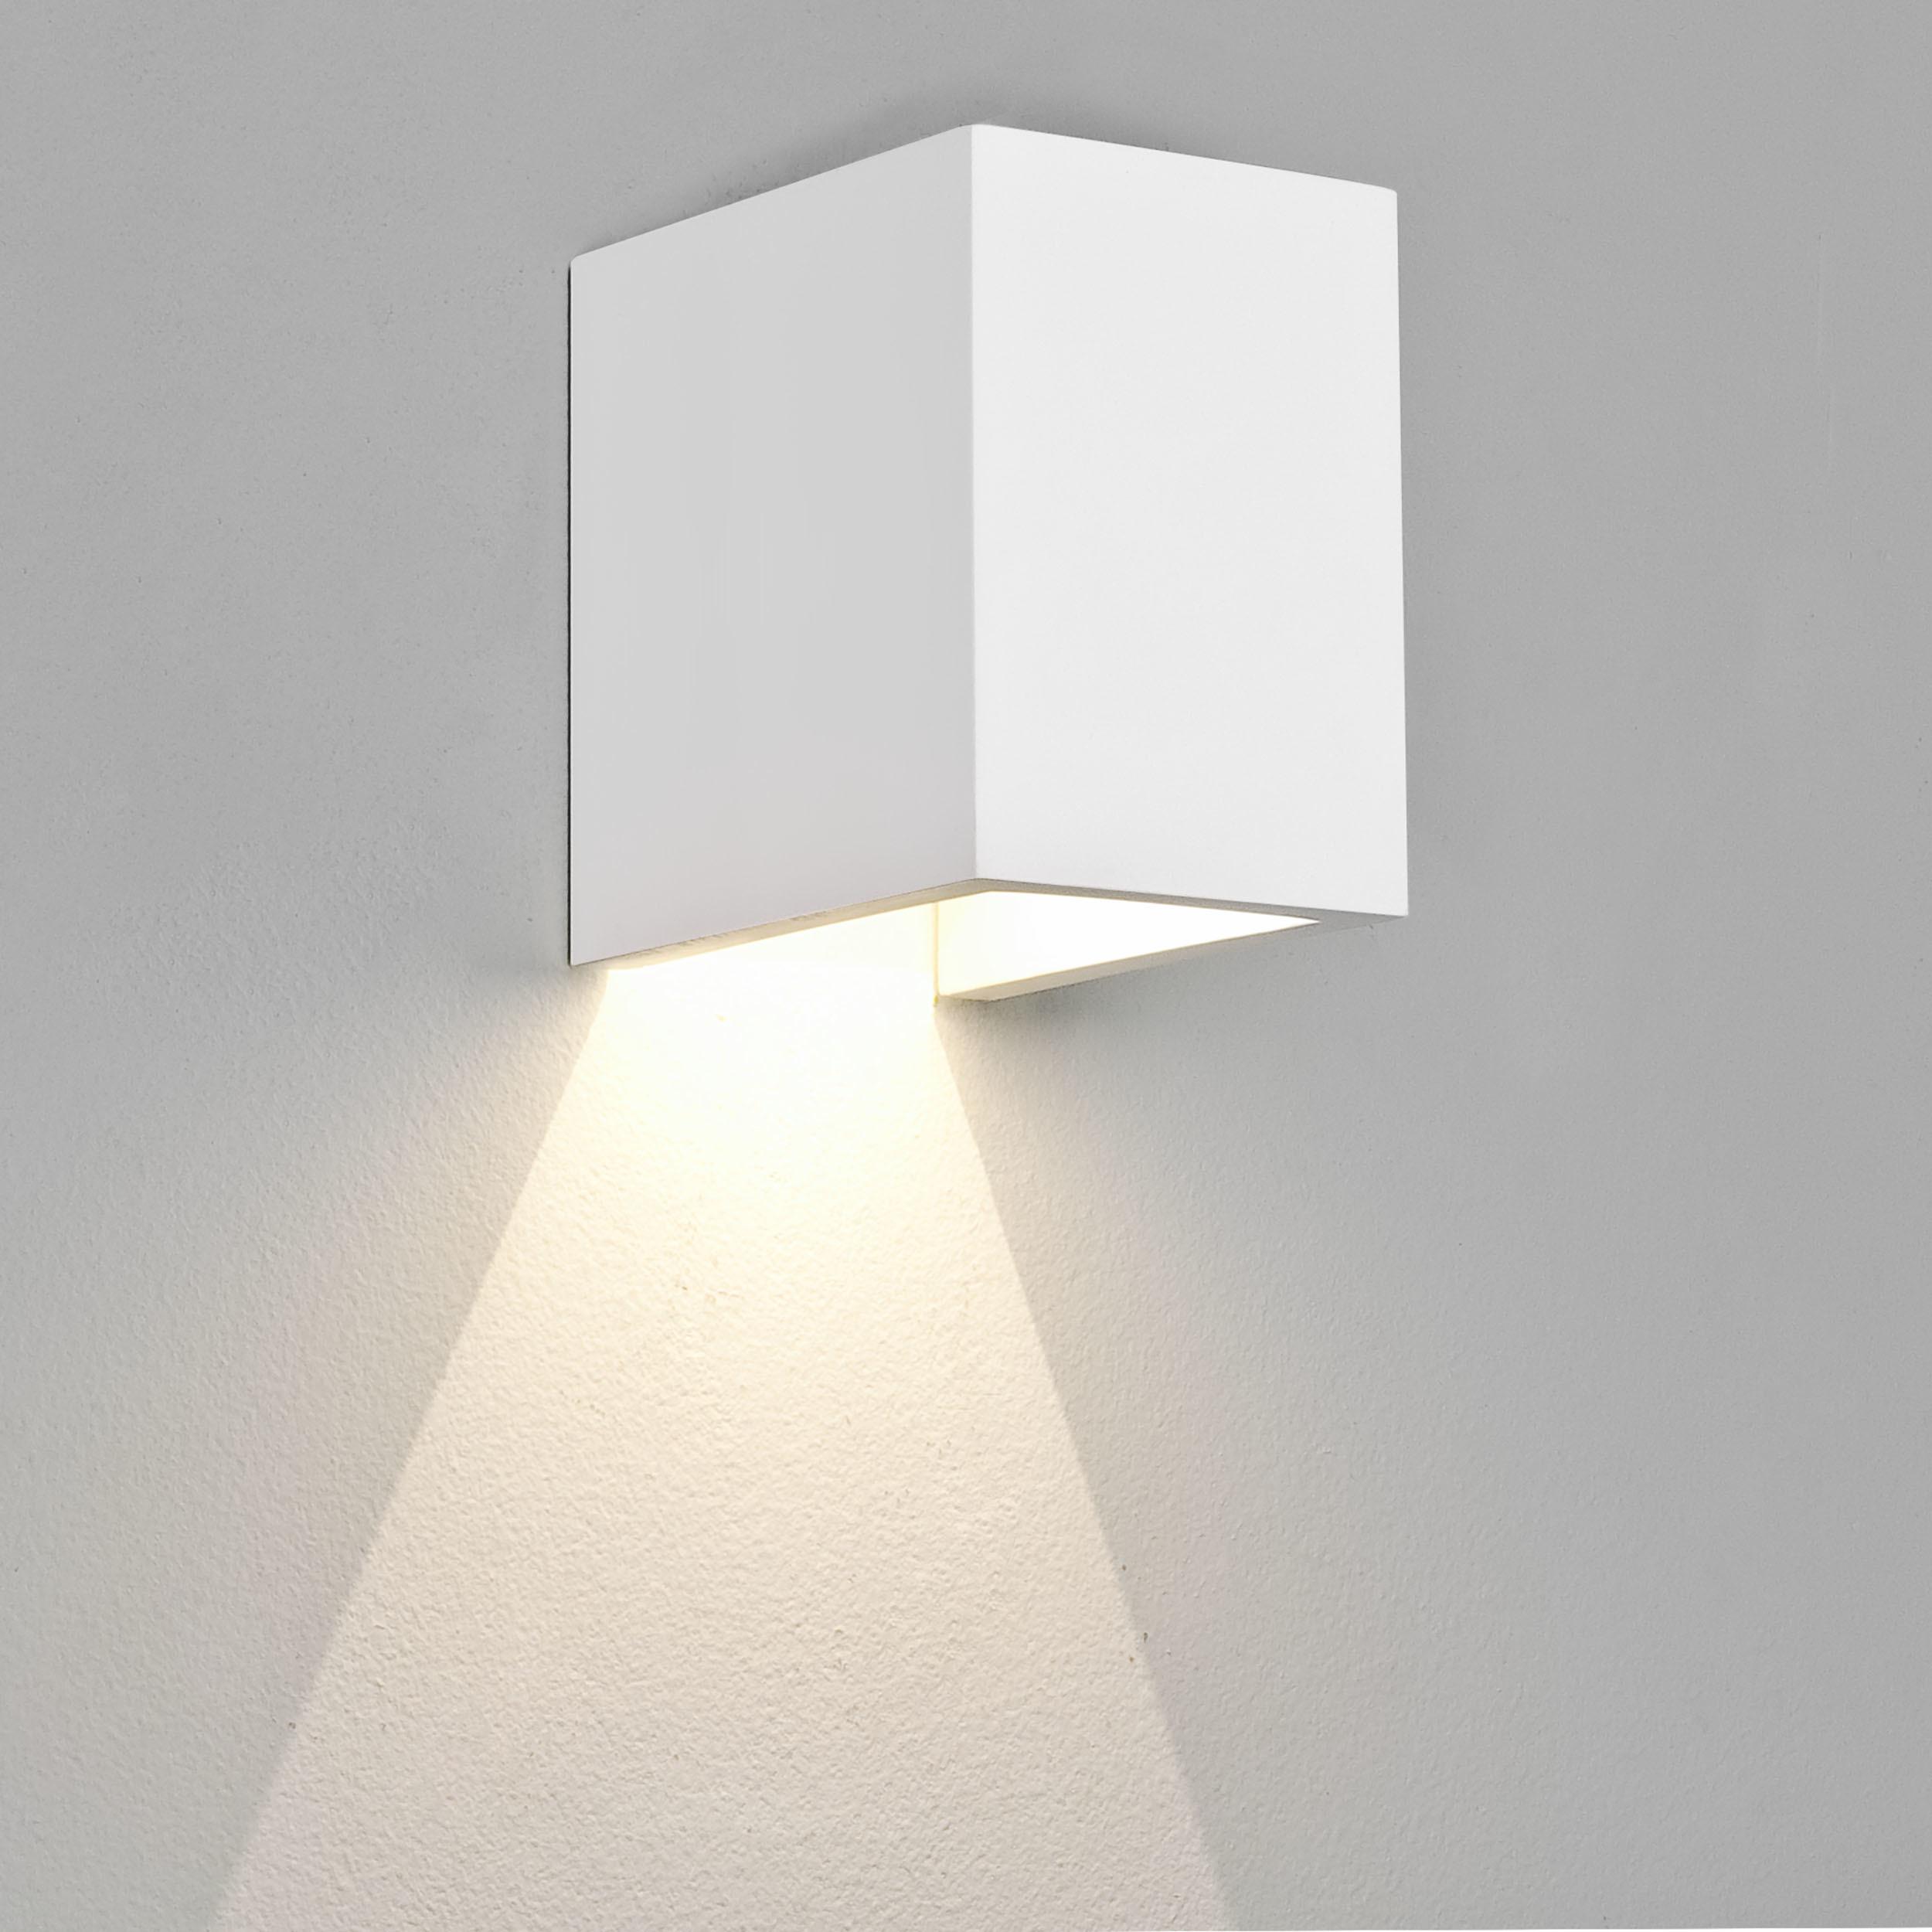 Настенный светодиодный светильник Astro Parma 1187004 (7019), LED 3,98W 3000K 104.3lm CRI80, белый, под покраску, гипс - фото 2